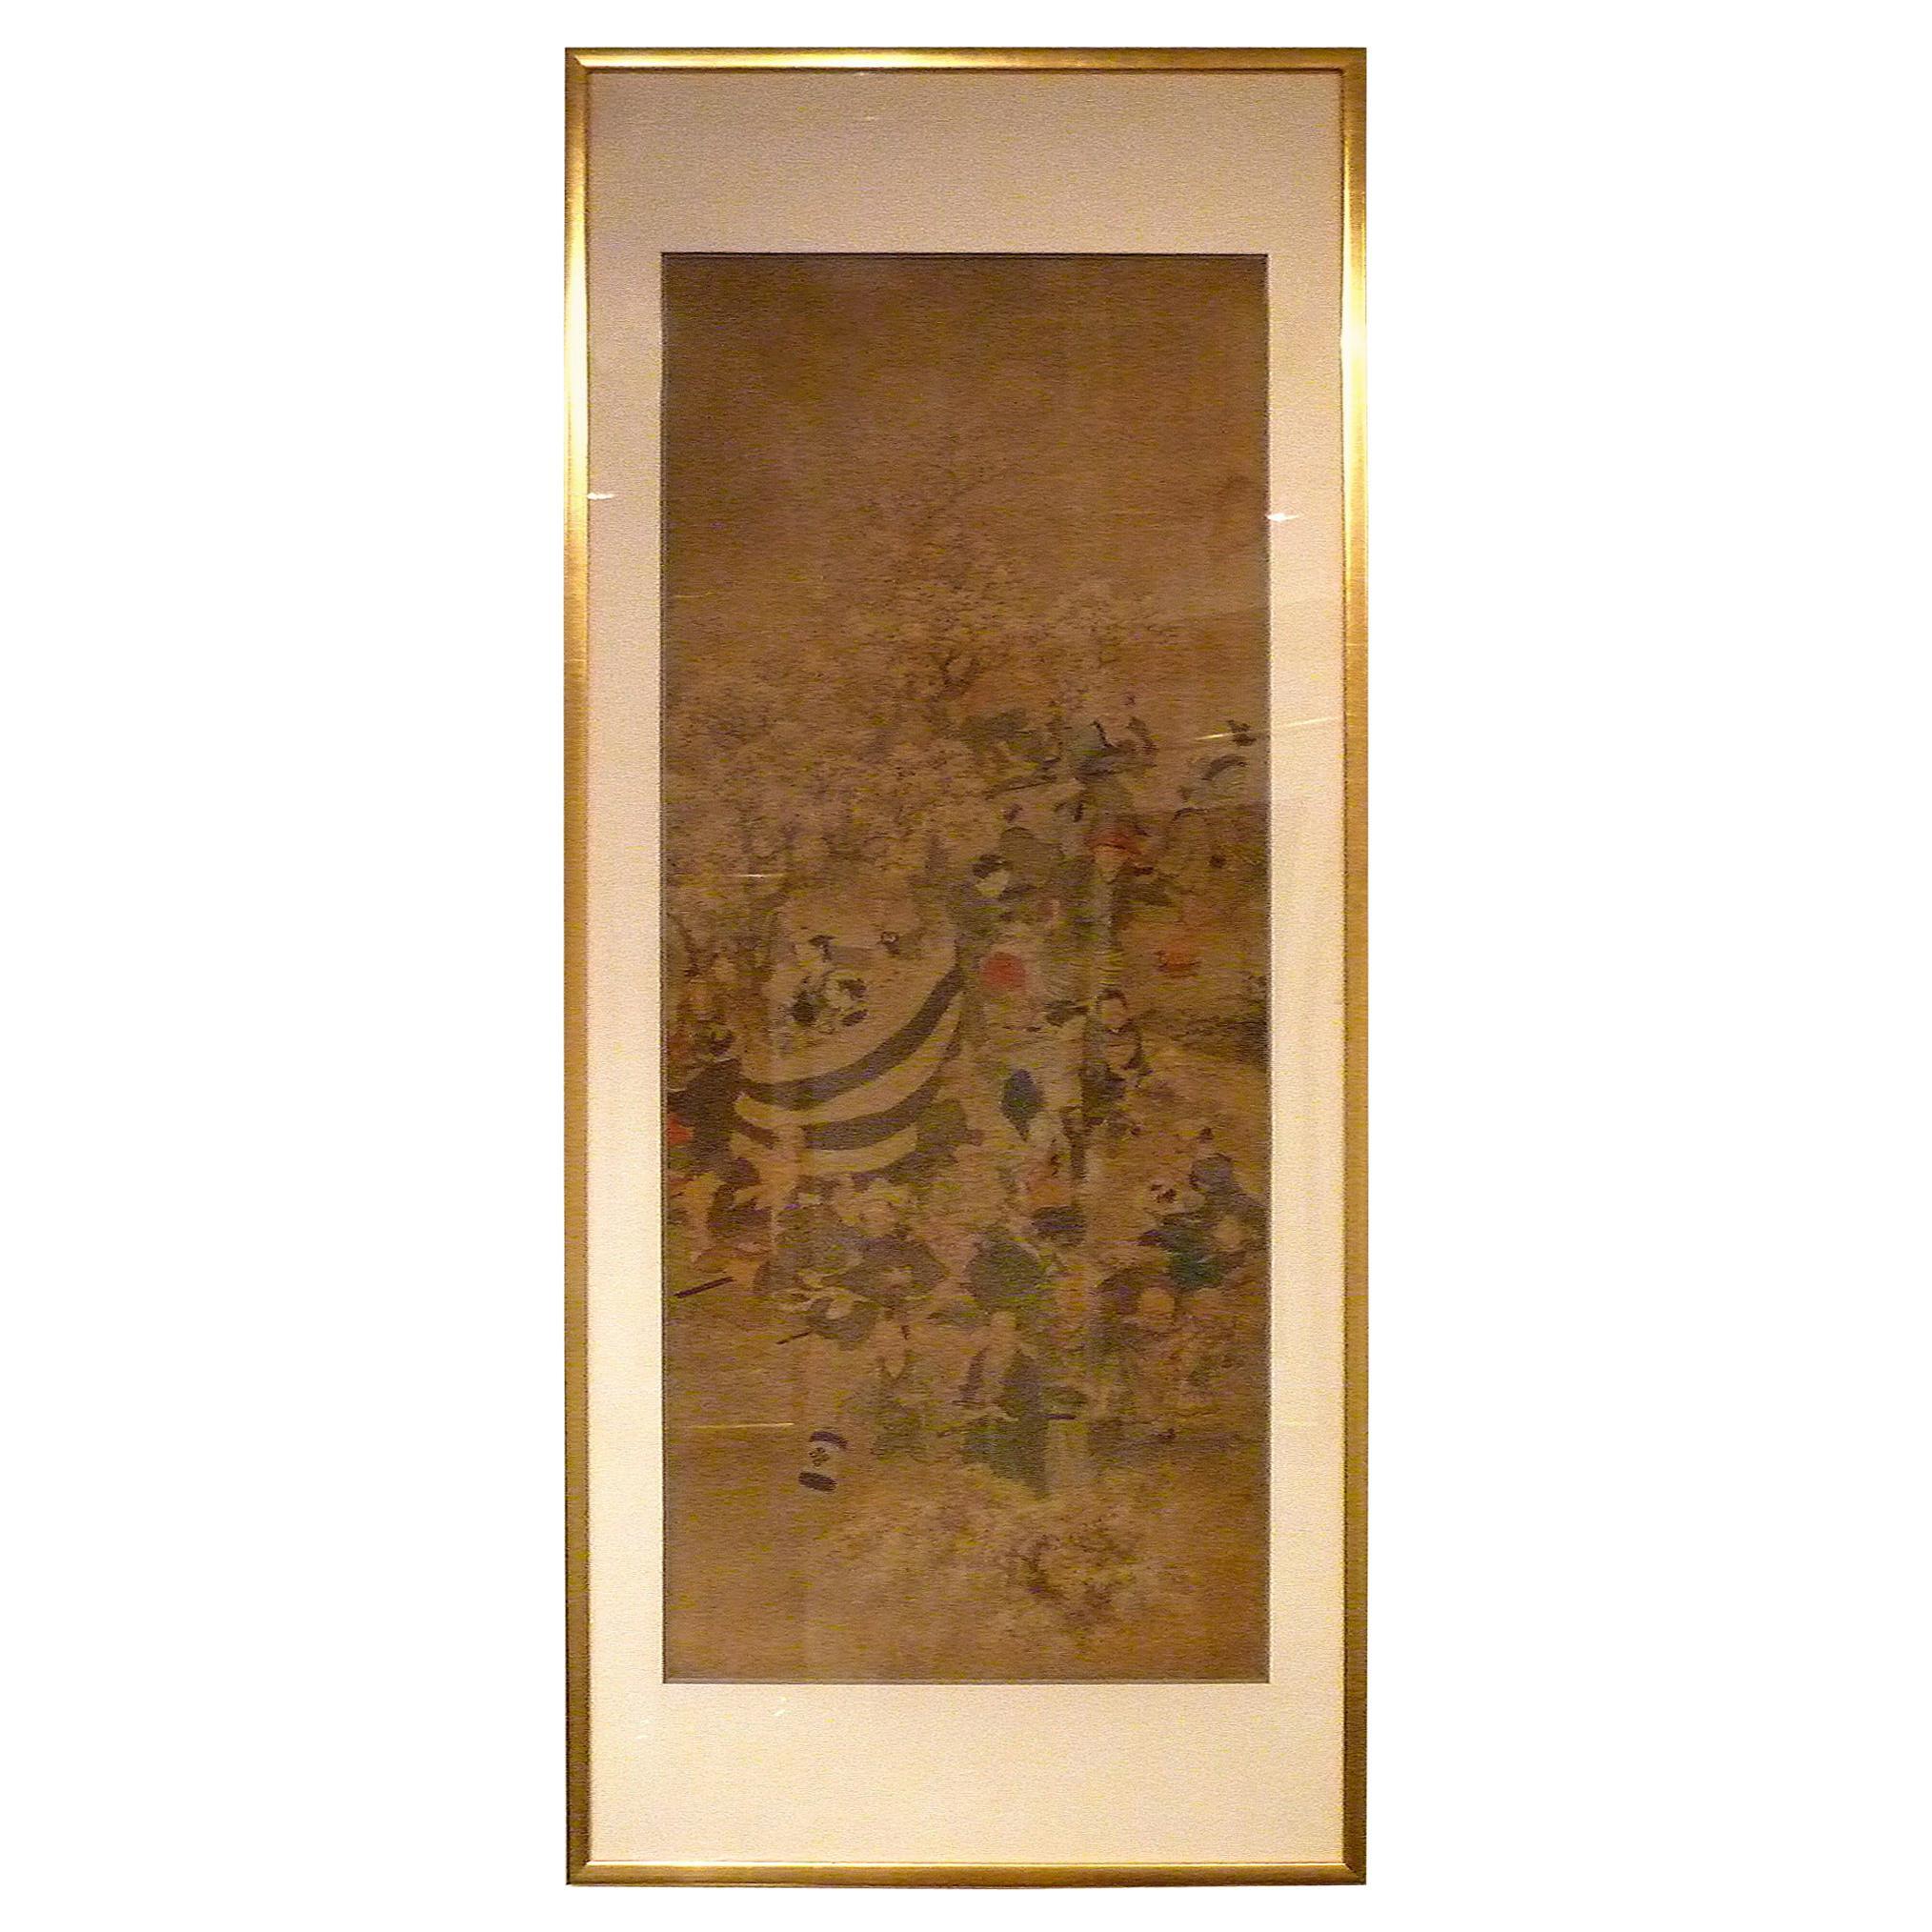 Fine Japanese Brush Painting of Cherry Blossom Festival